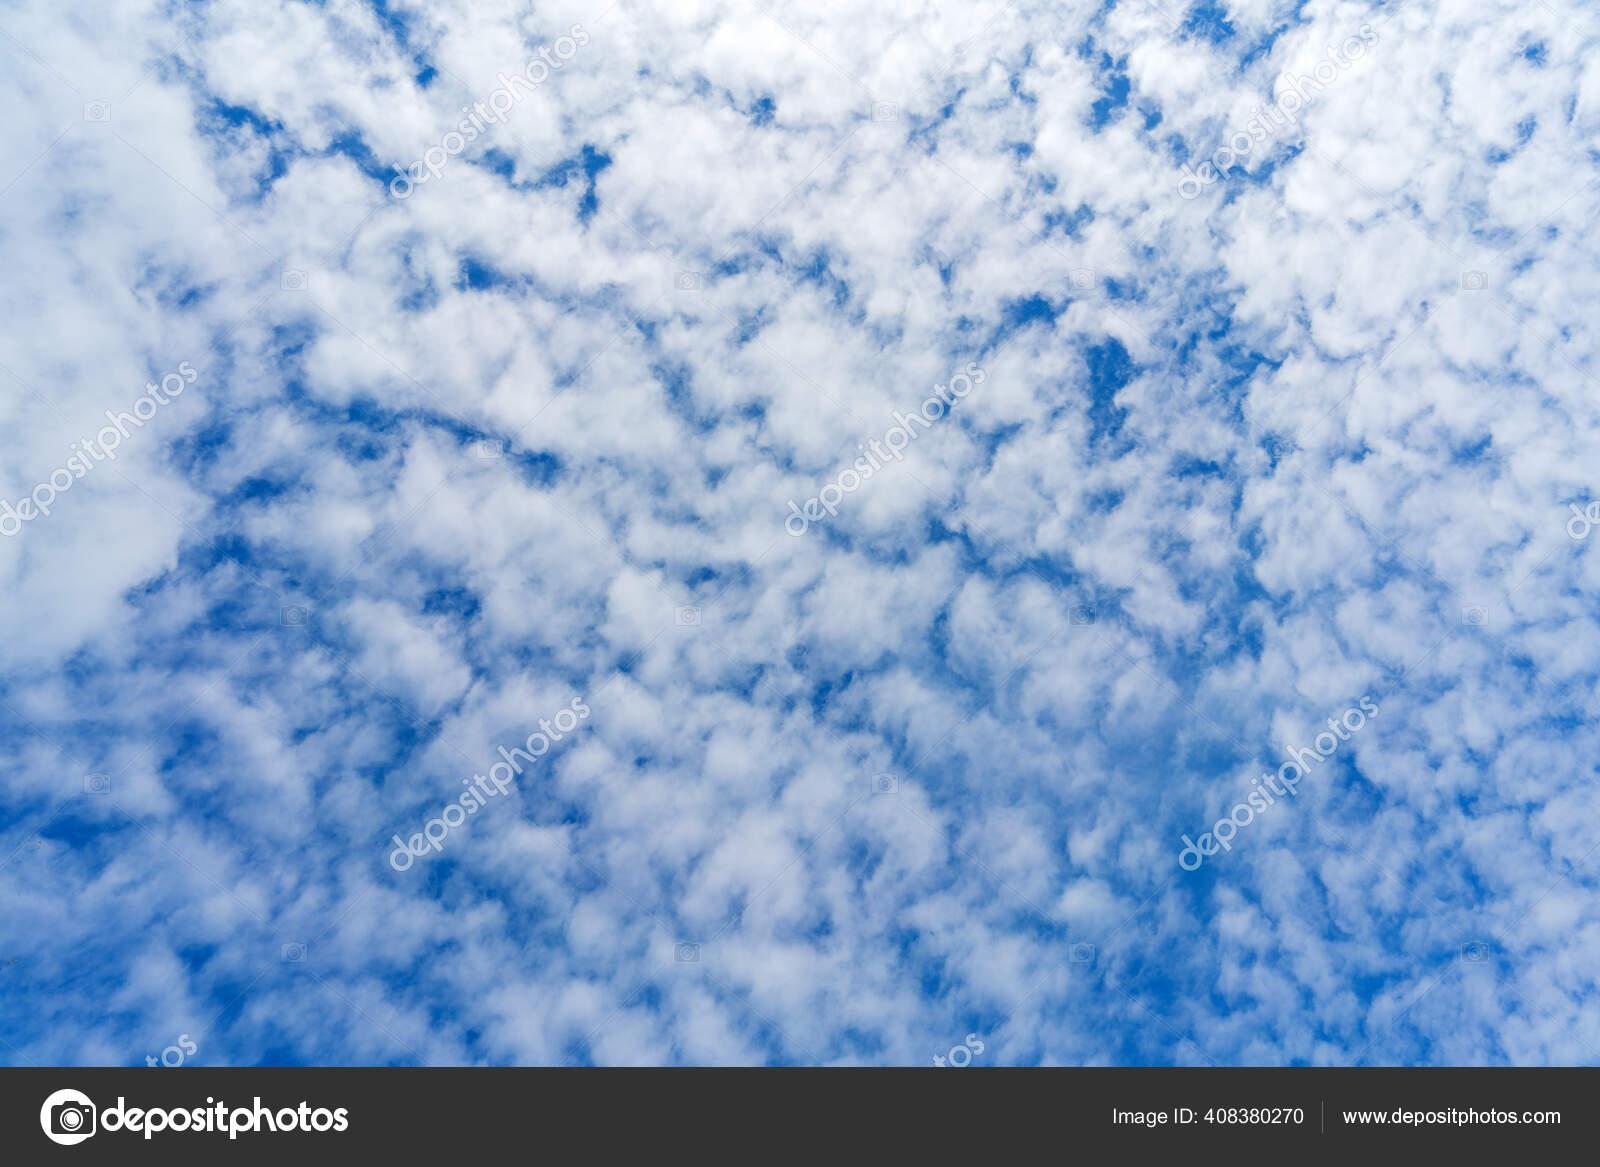 ふわふわの雲が美しい雲景 — ストック写真 © sandipruel #408380270